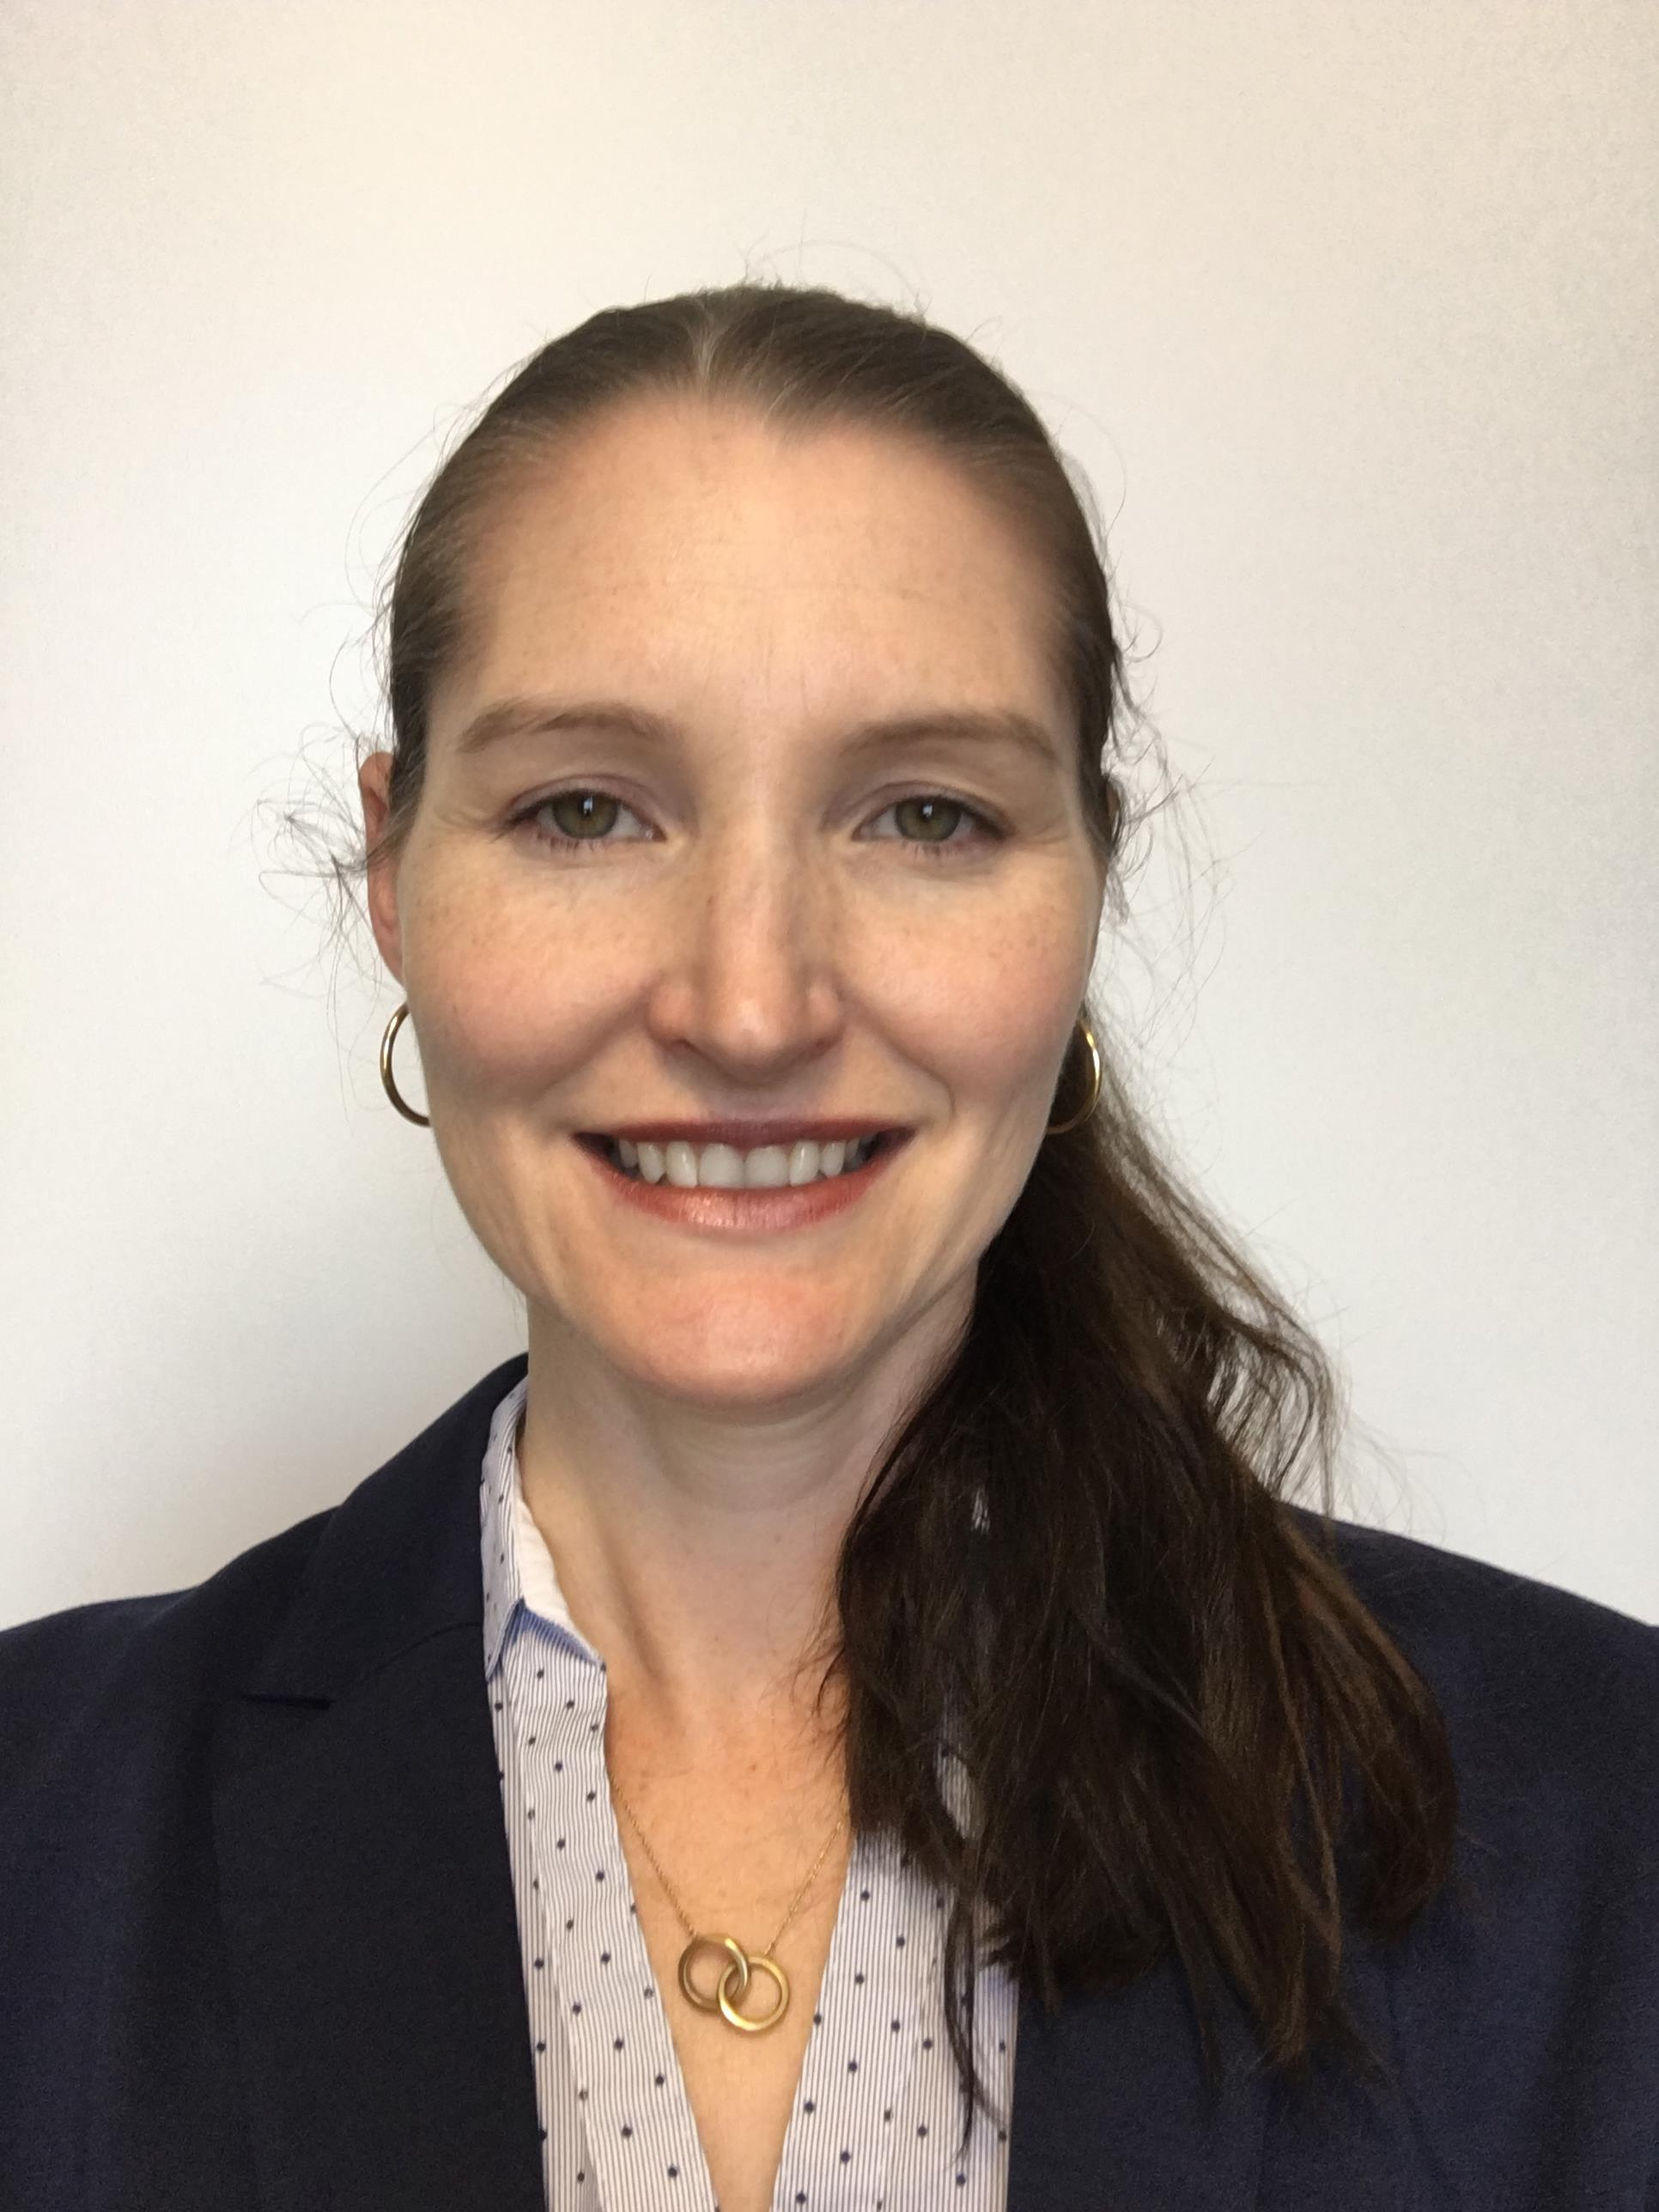 Dr Chantelle Lisa Evelyn Ahlenstiel